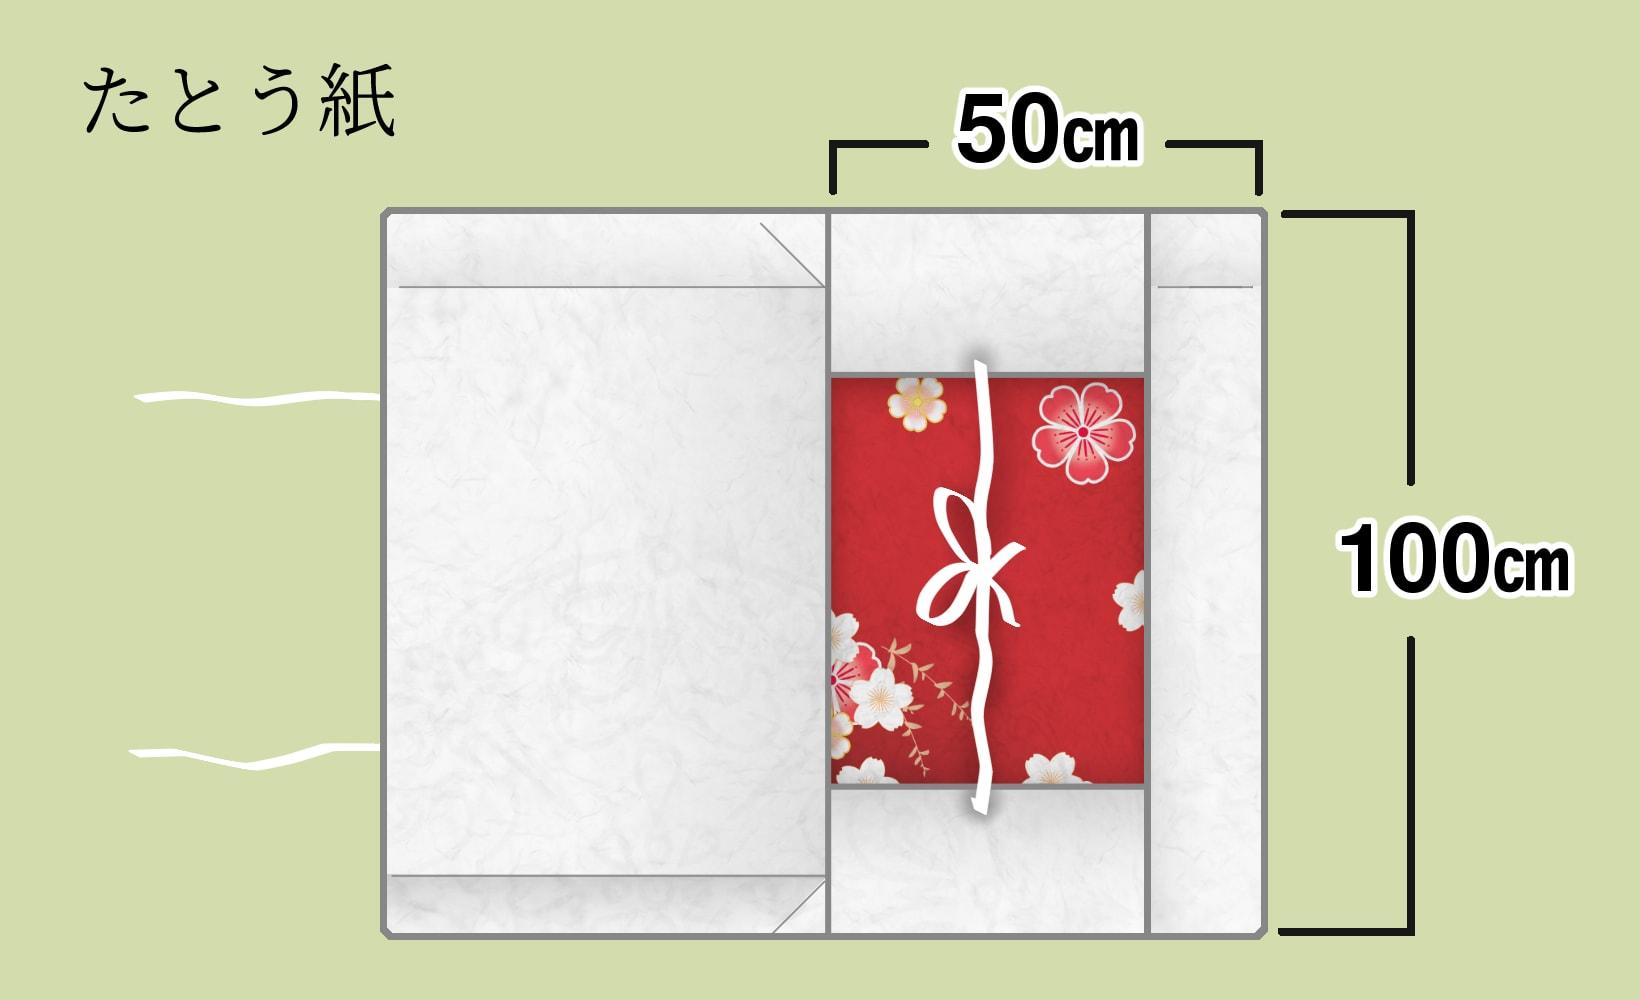 着物はたとう紙に包んで保管する(50×100センチ程度のスペースが必要)